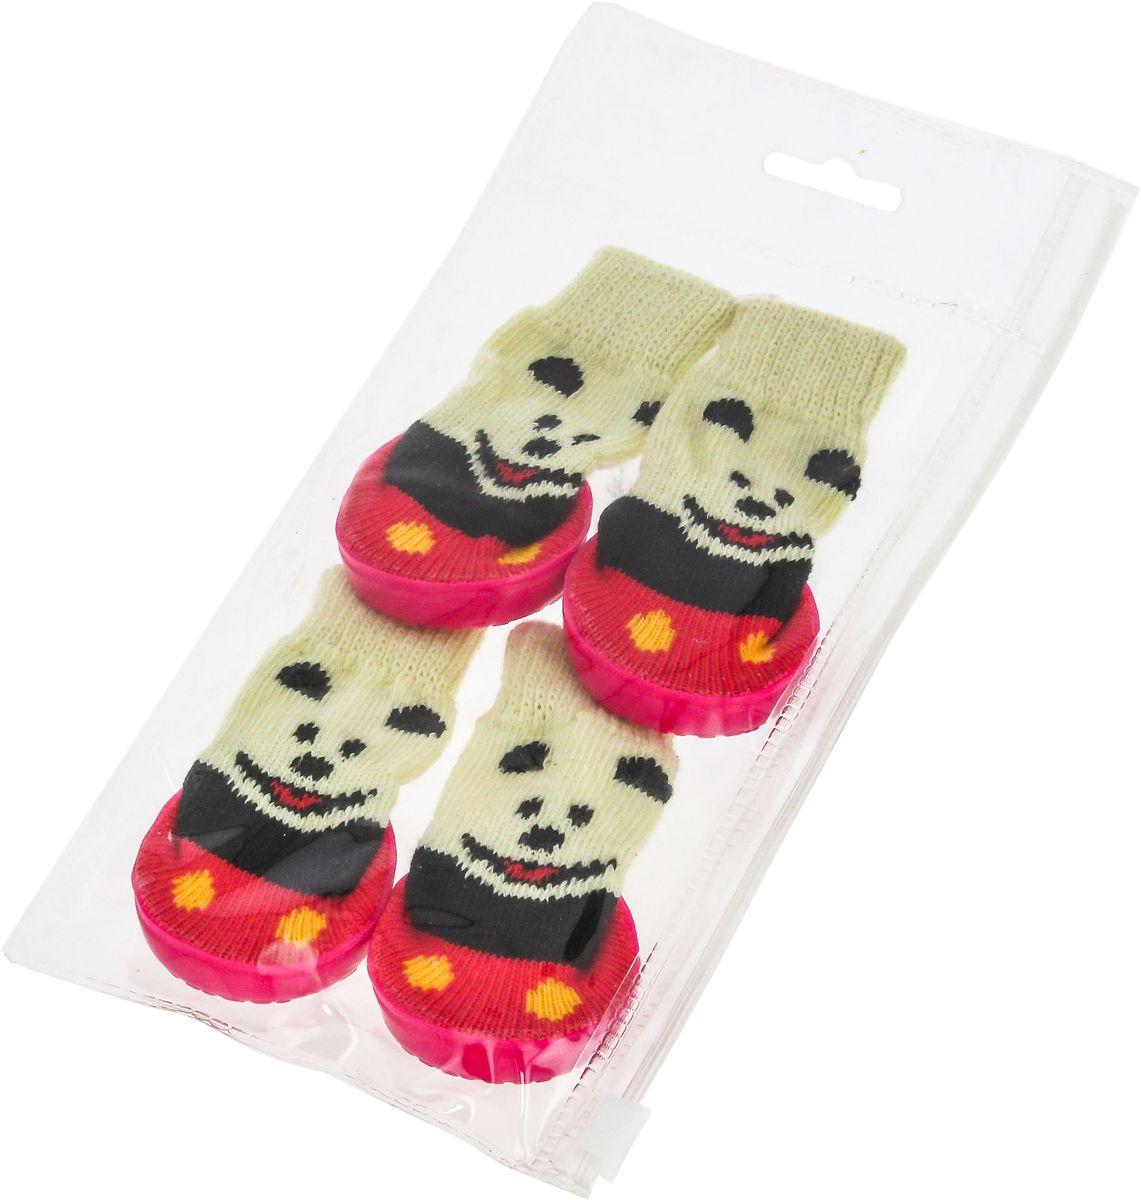 Носки для собак Каскад, унисекс, цвет: красный, черный, бежевый. Размер S28000187-02Носки для собак Каскад выполнены из прочной ткани и снабжены прорезиненной подошвой для того, чтобы ваш питомец мог без проблем бегать по скользкой поверхности. Носки имеют удобную резинку, которая плотно облегает лапу. Носки служат защитой лап от истирания о твердое покрытие и защищают лапу после травмы. Конструкция носка анатомически повторяет строение лапы.Одежда для собак: нужна ли она и как её выбрать. Статья OZON Гид